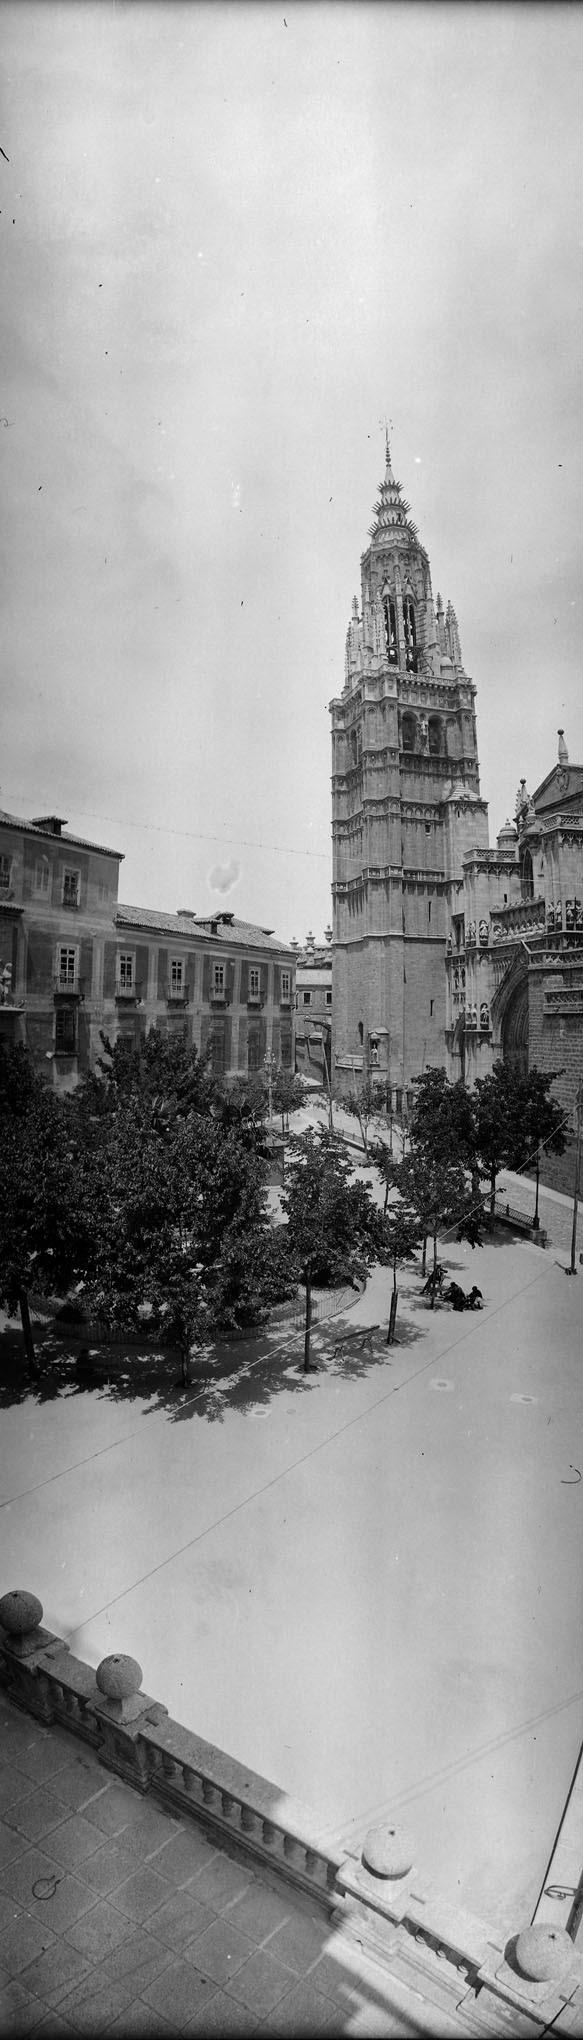 Panorámica vertical de la Catedral de Toledo desde el Ayuntamiento en 1921. Fotografía de José Regueira. Filmoteca de Castilla y León.RESEP-195